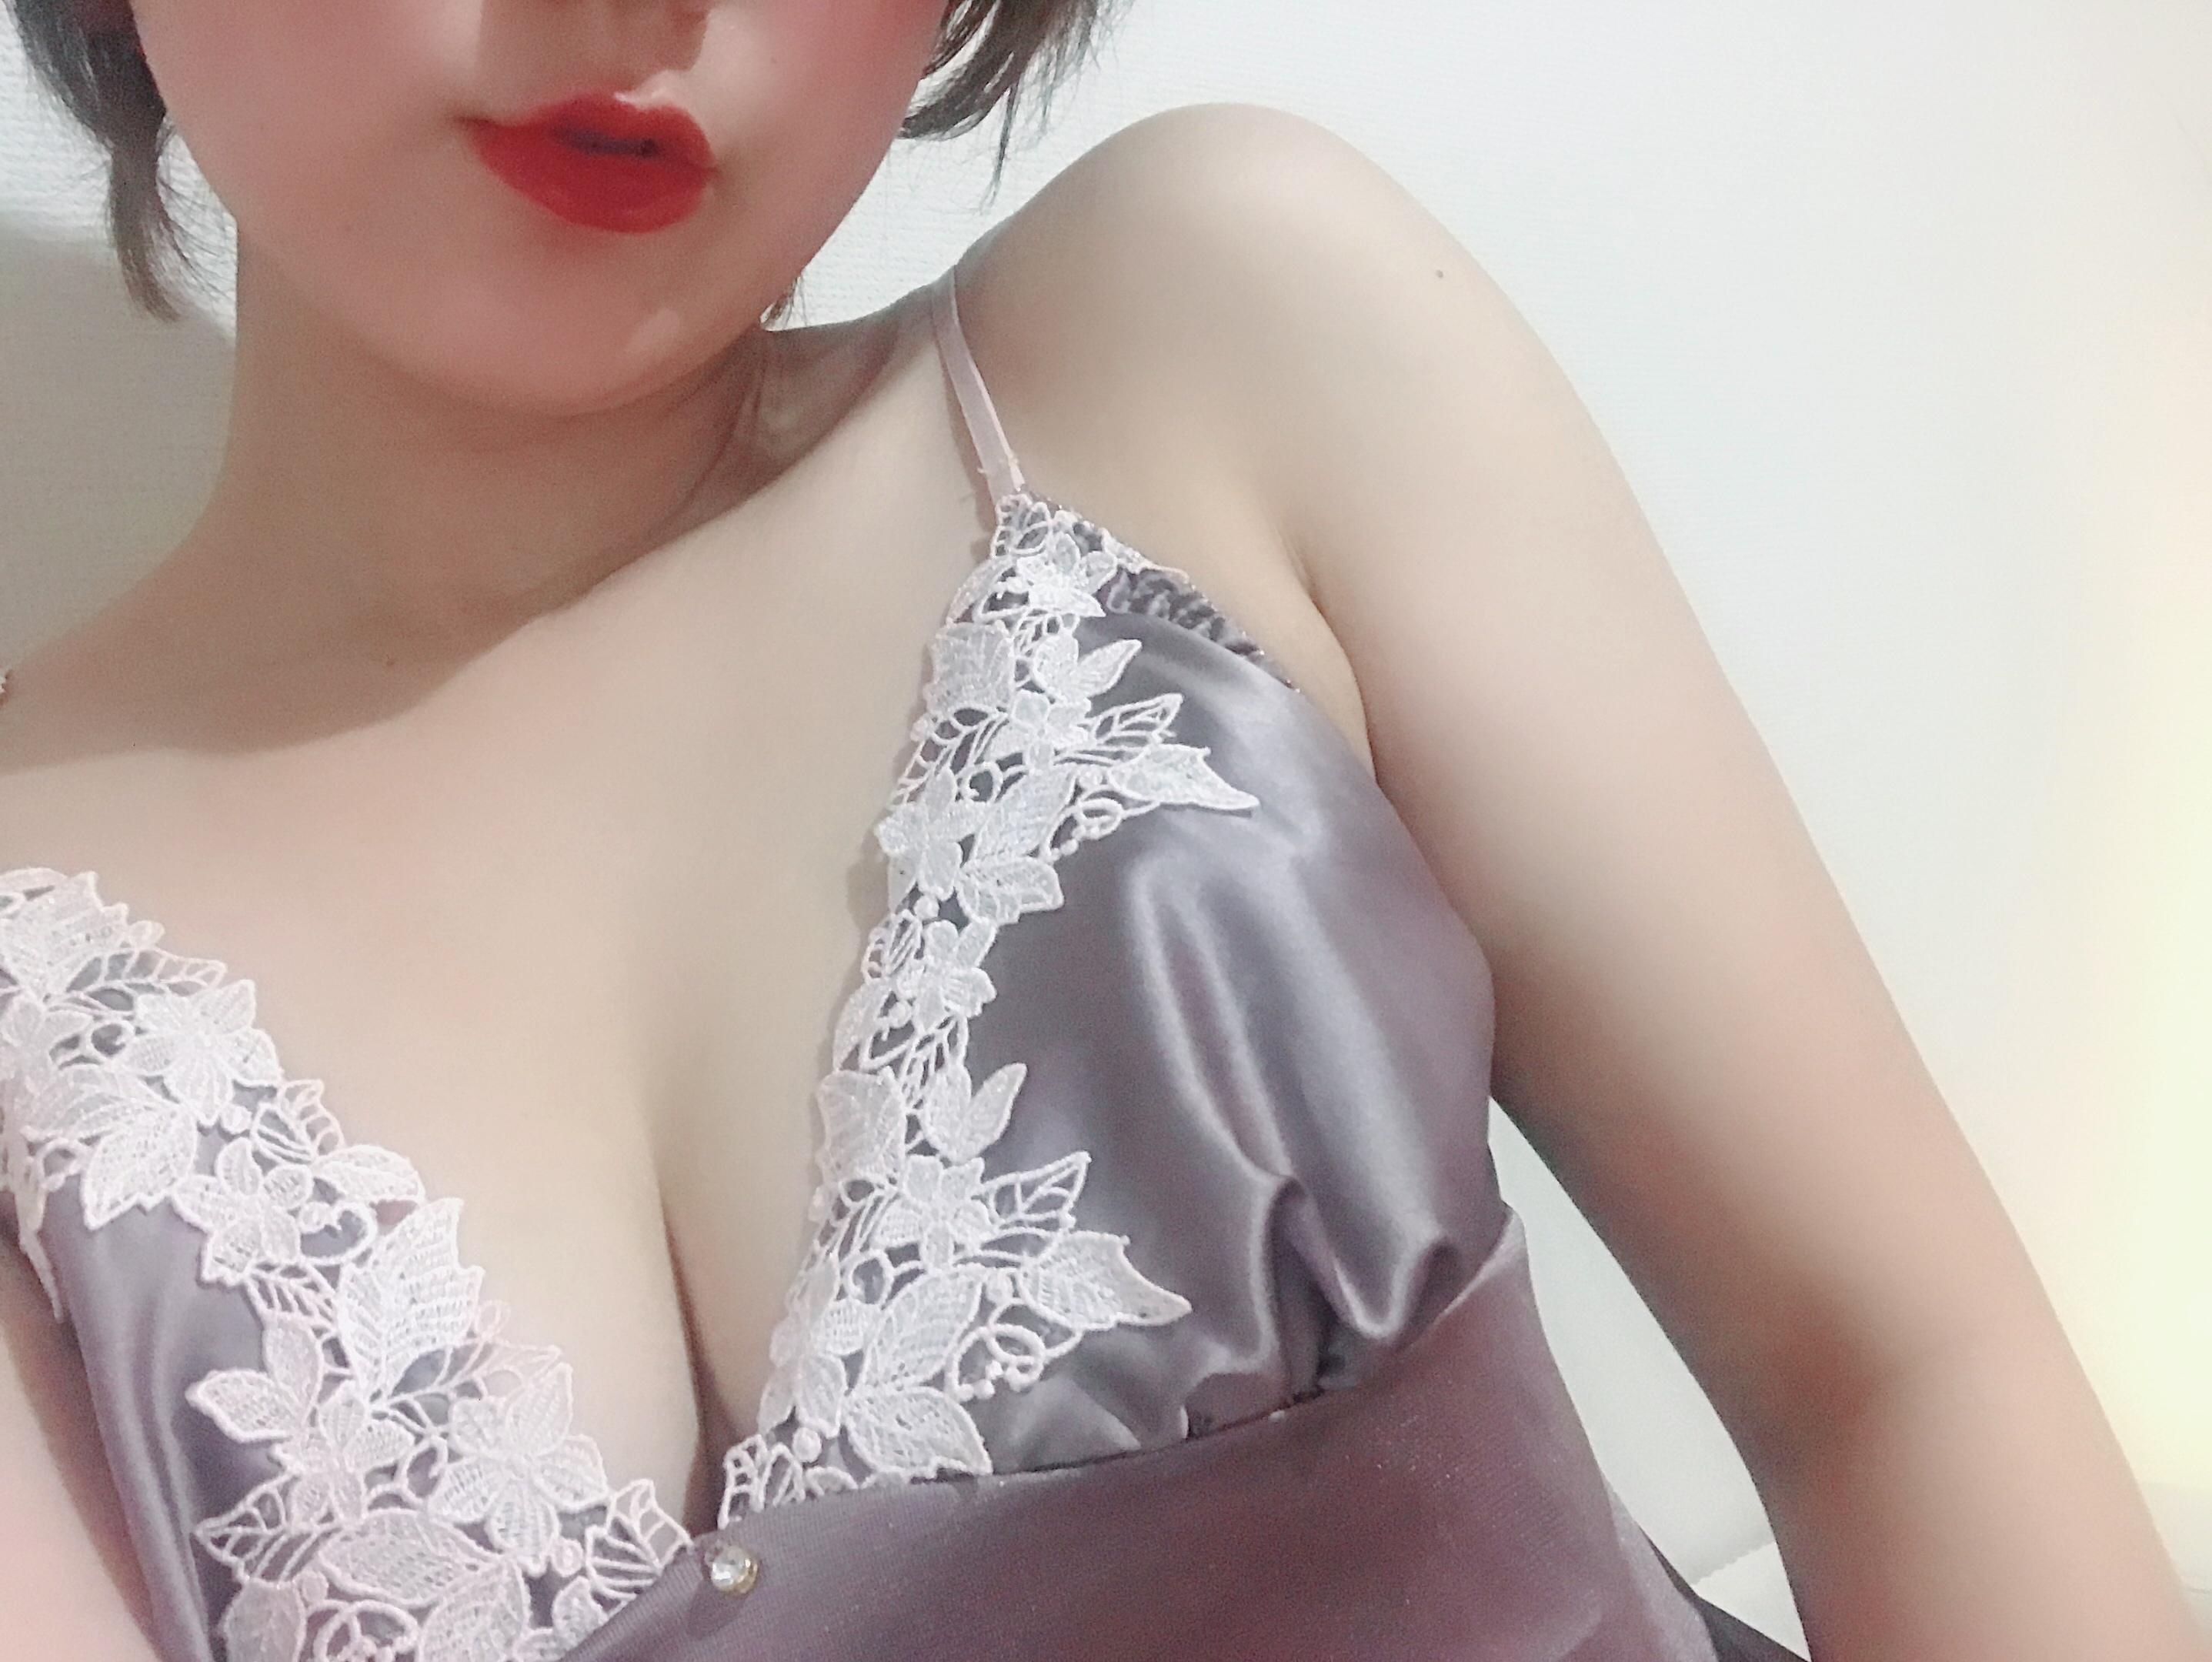 「こんばんわ」01/17(金) 20:19 | あみの写メ・風俗動画